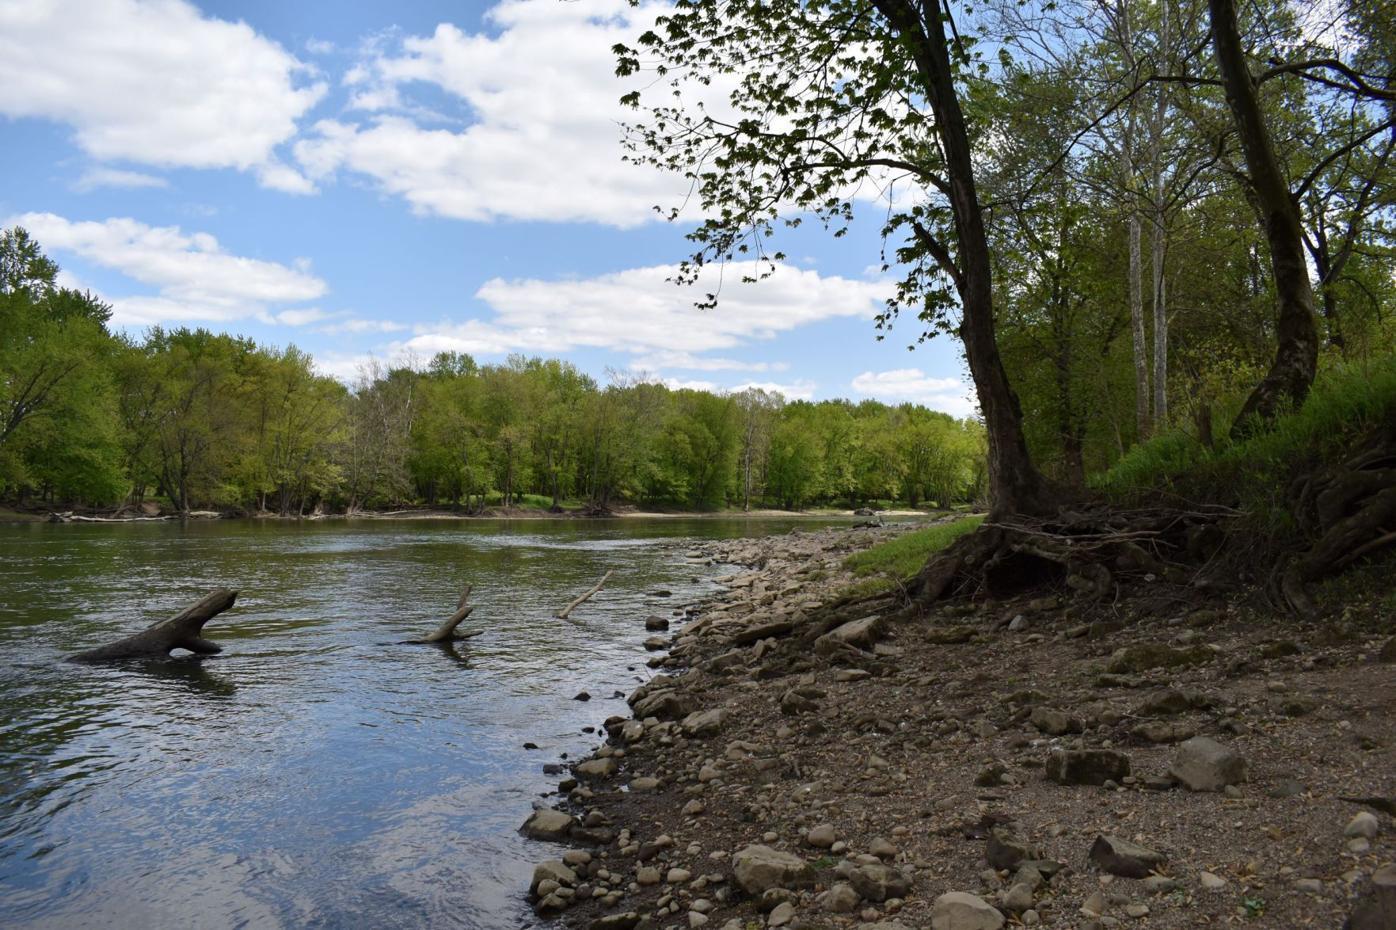 The Scioto River